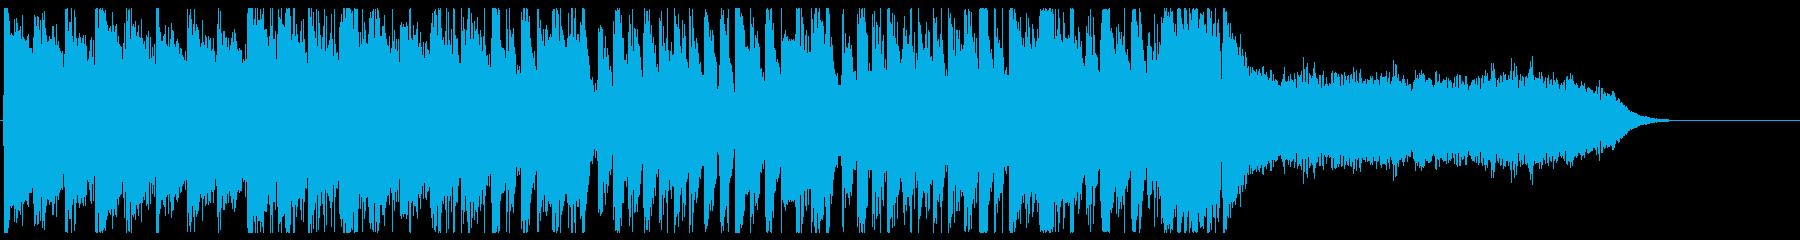 ゴリゴリのヘビメタロックで登場!の再生済みの波形